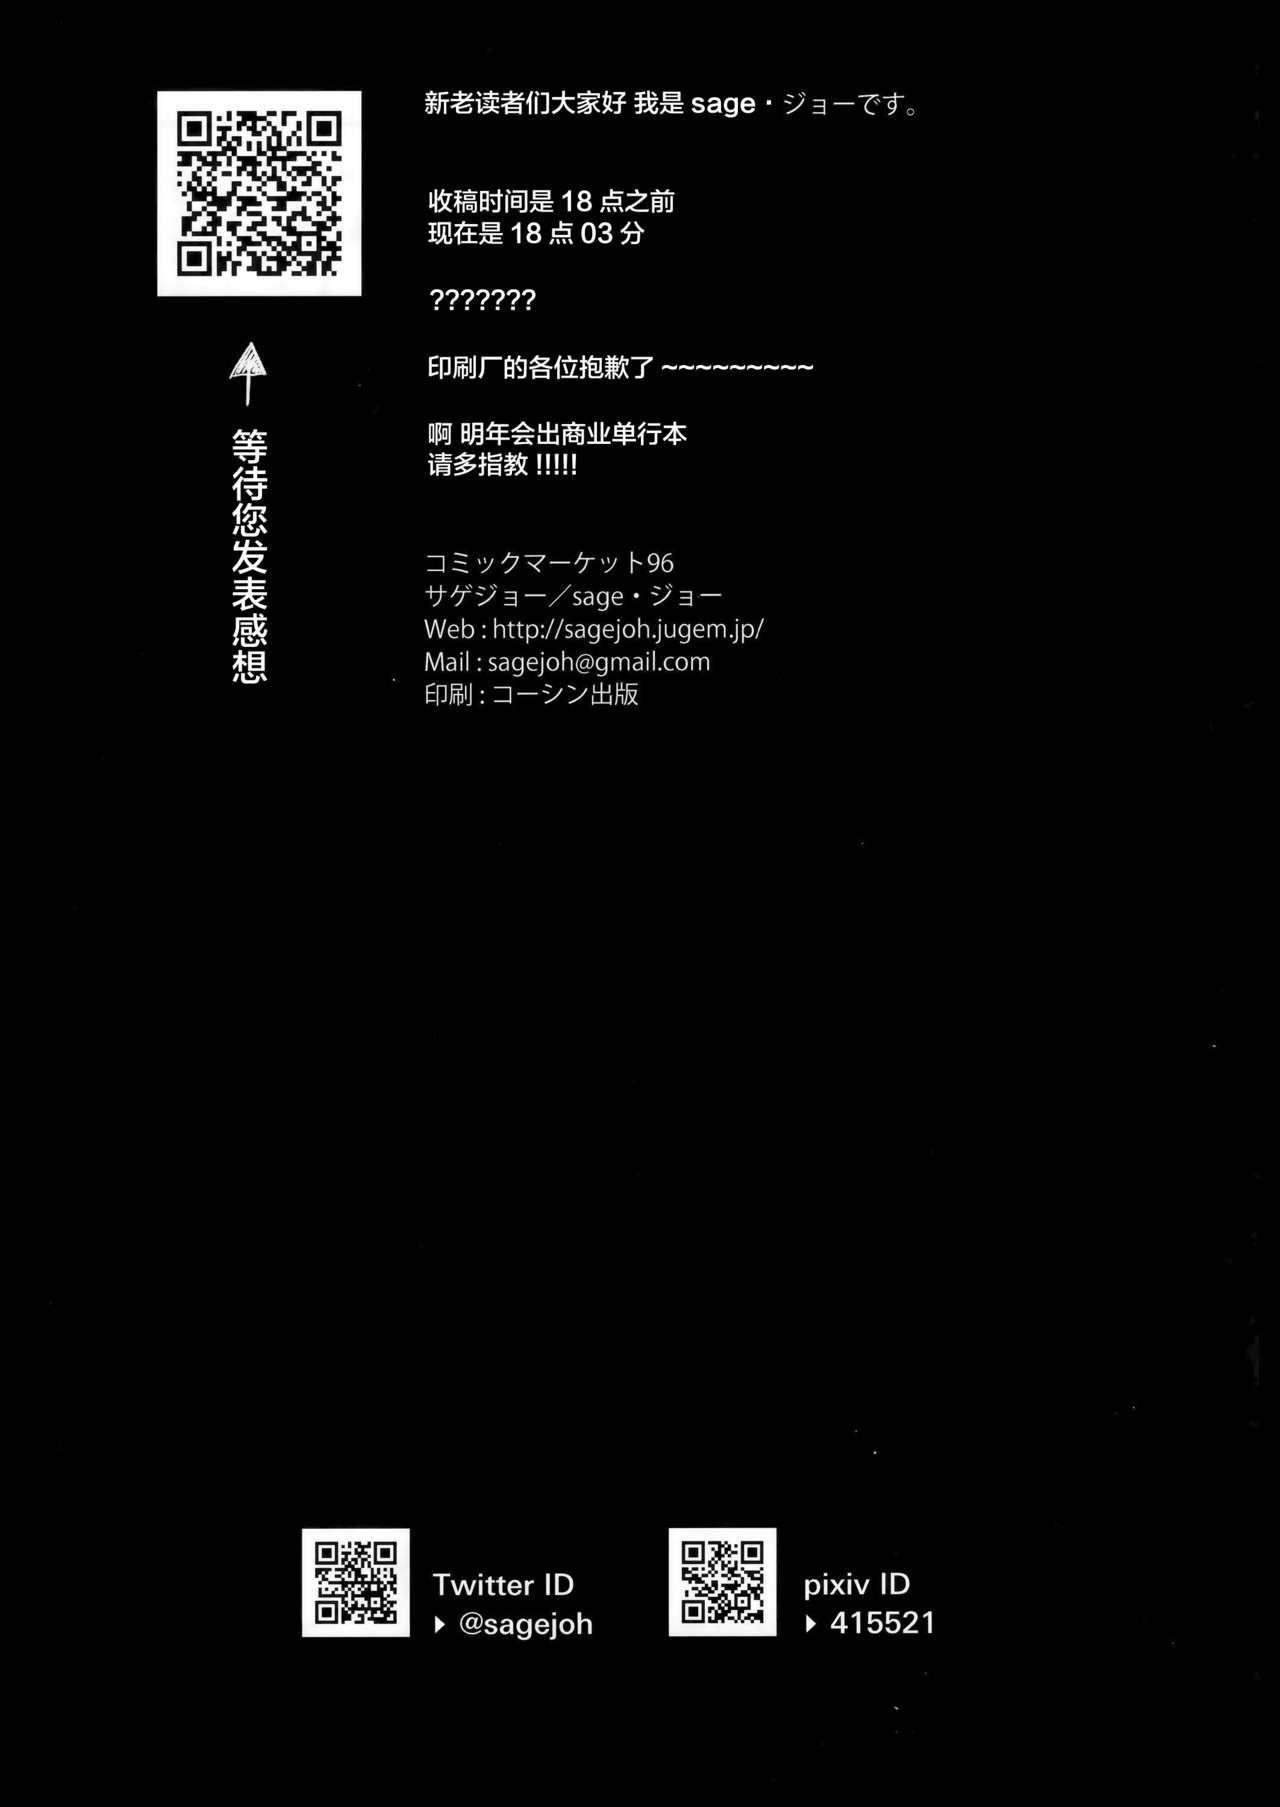 Shinkon, Mash 25